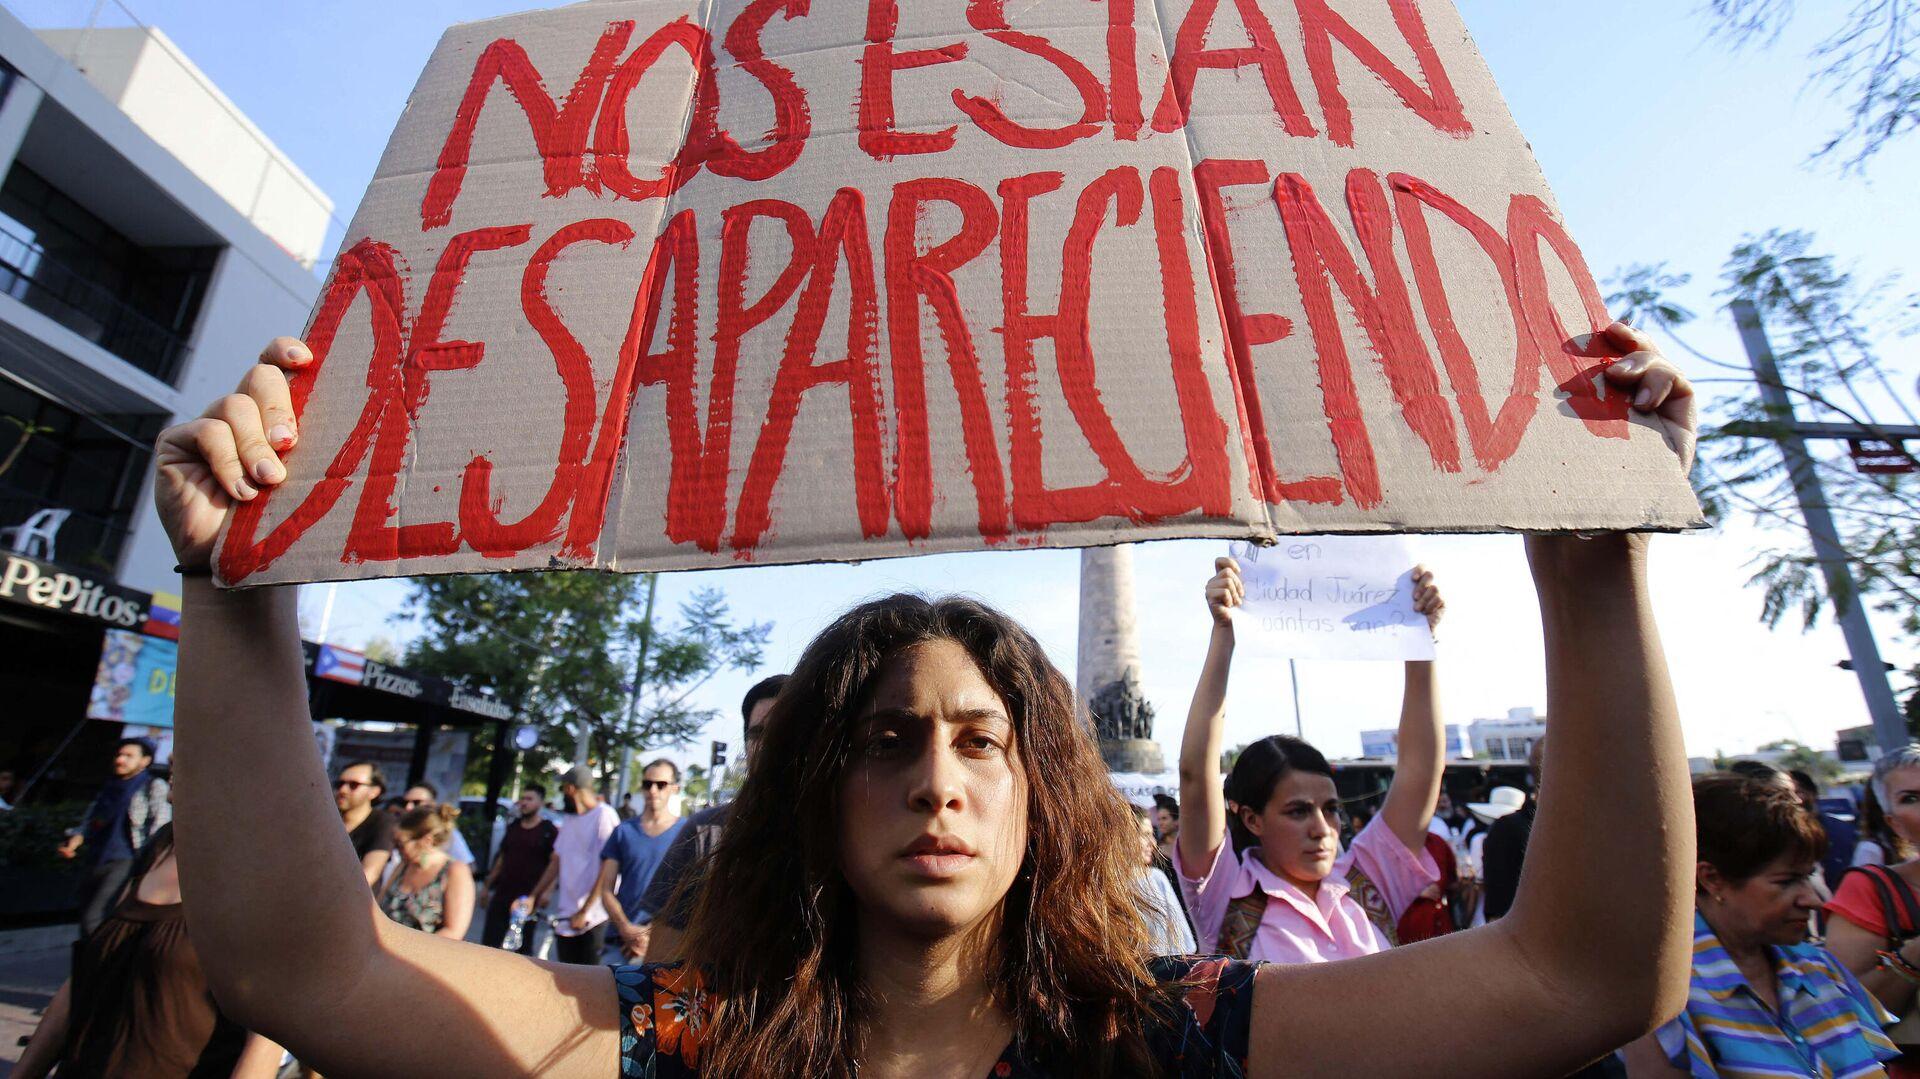 Protesta estudiantil en Guadalajara, Jalisco, contra la violencia y las desapariciones de personas en México - Sputnik Mundo, 1920, 12.02.2021